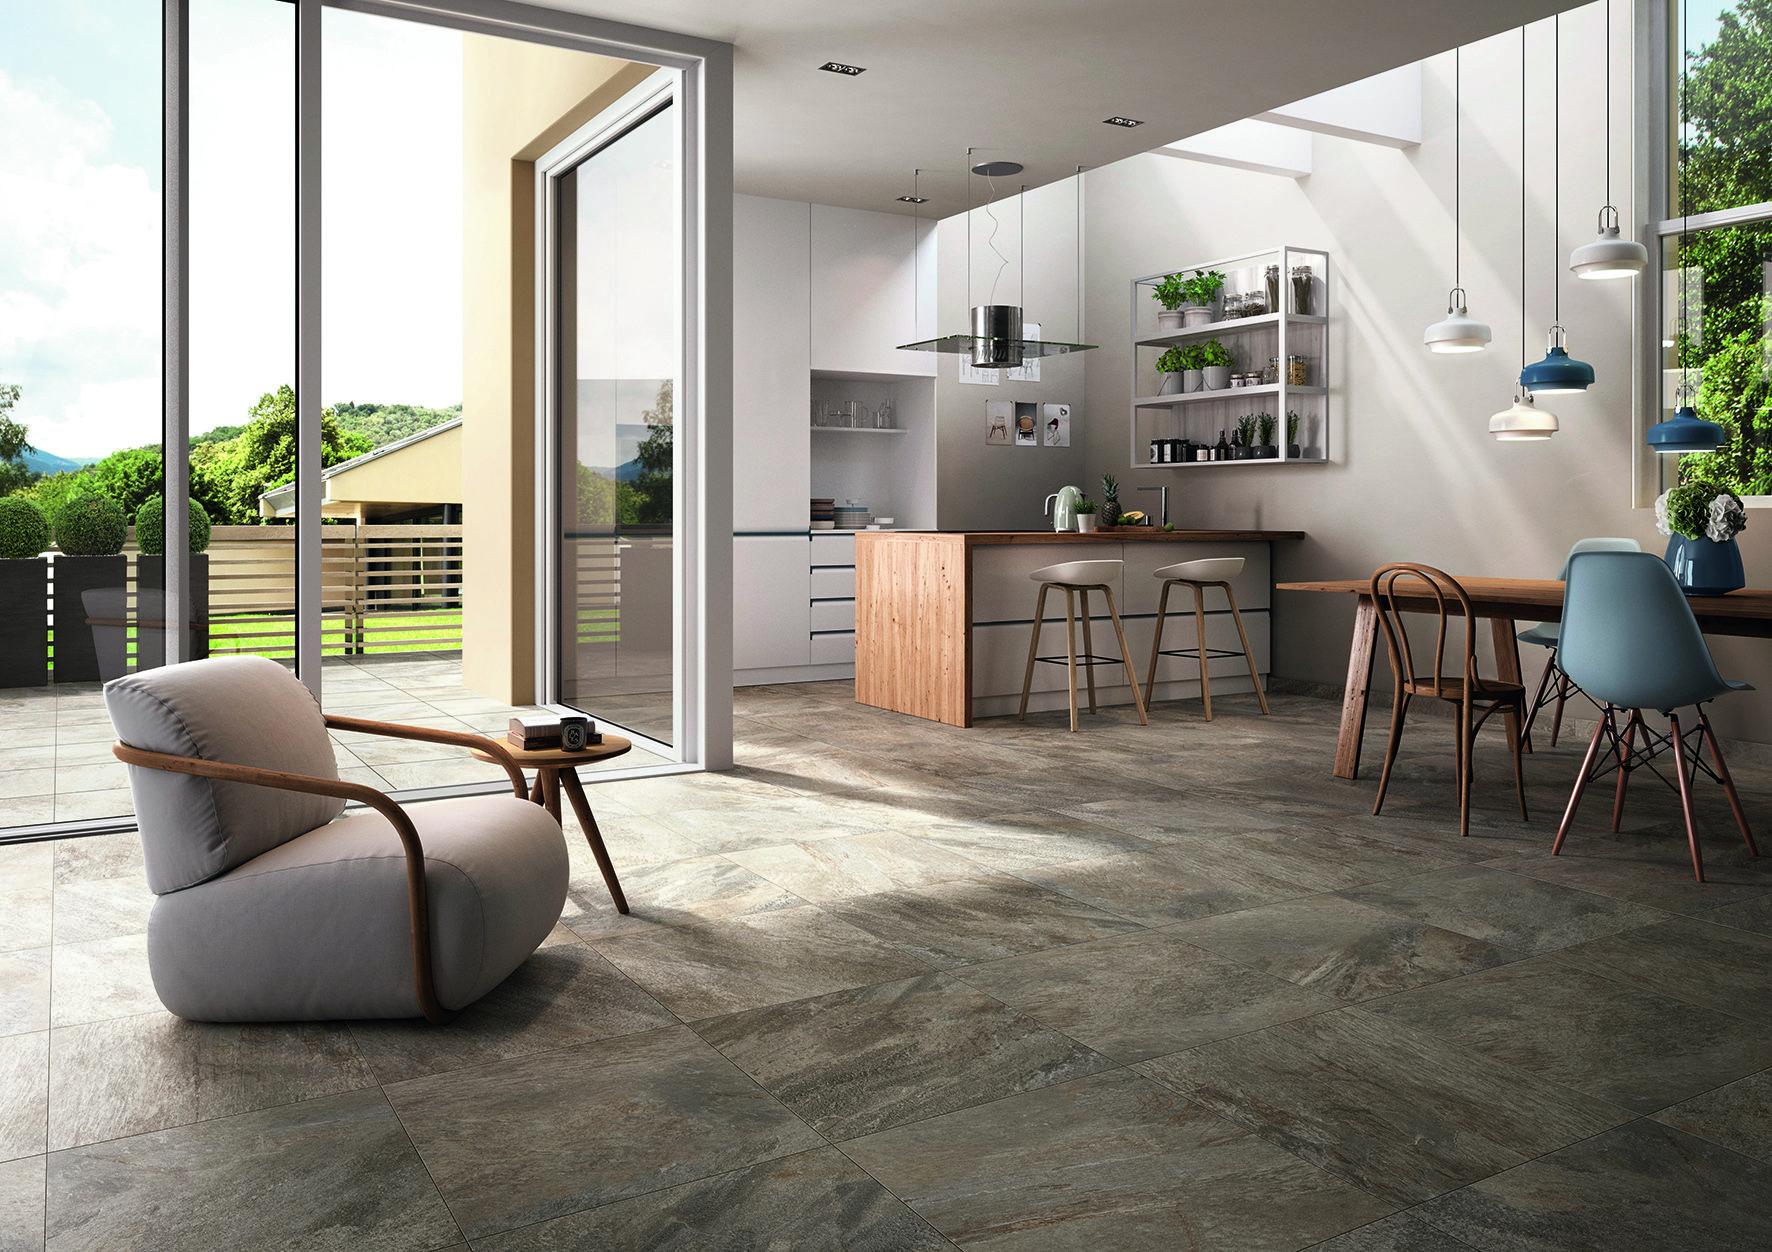 Die moderne Wohnküche als Herzstück von Haus oder Wohnung Die offene ...